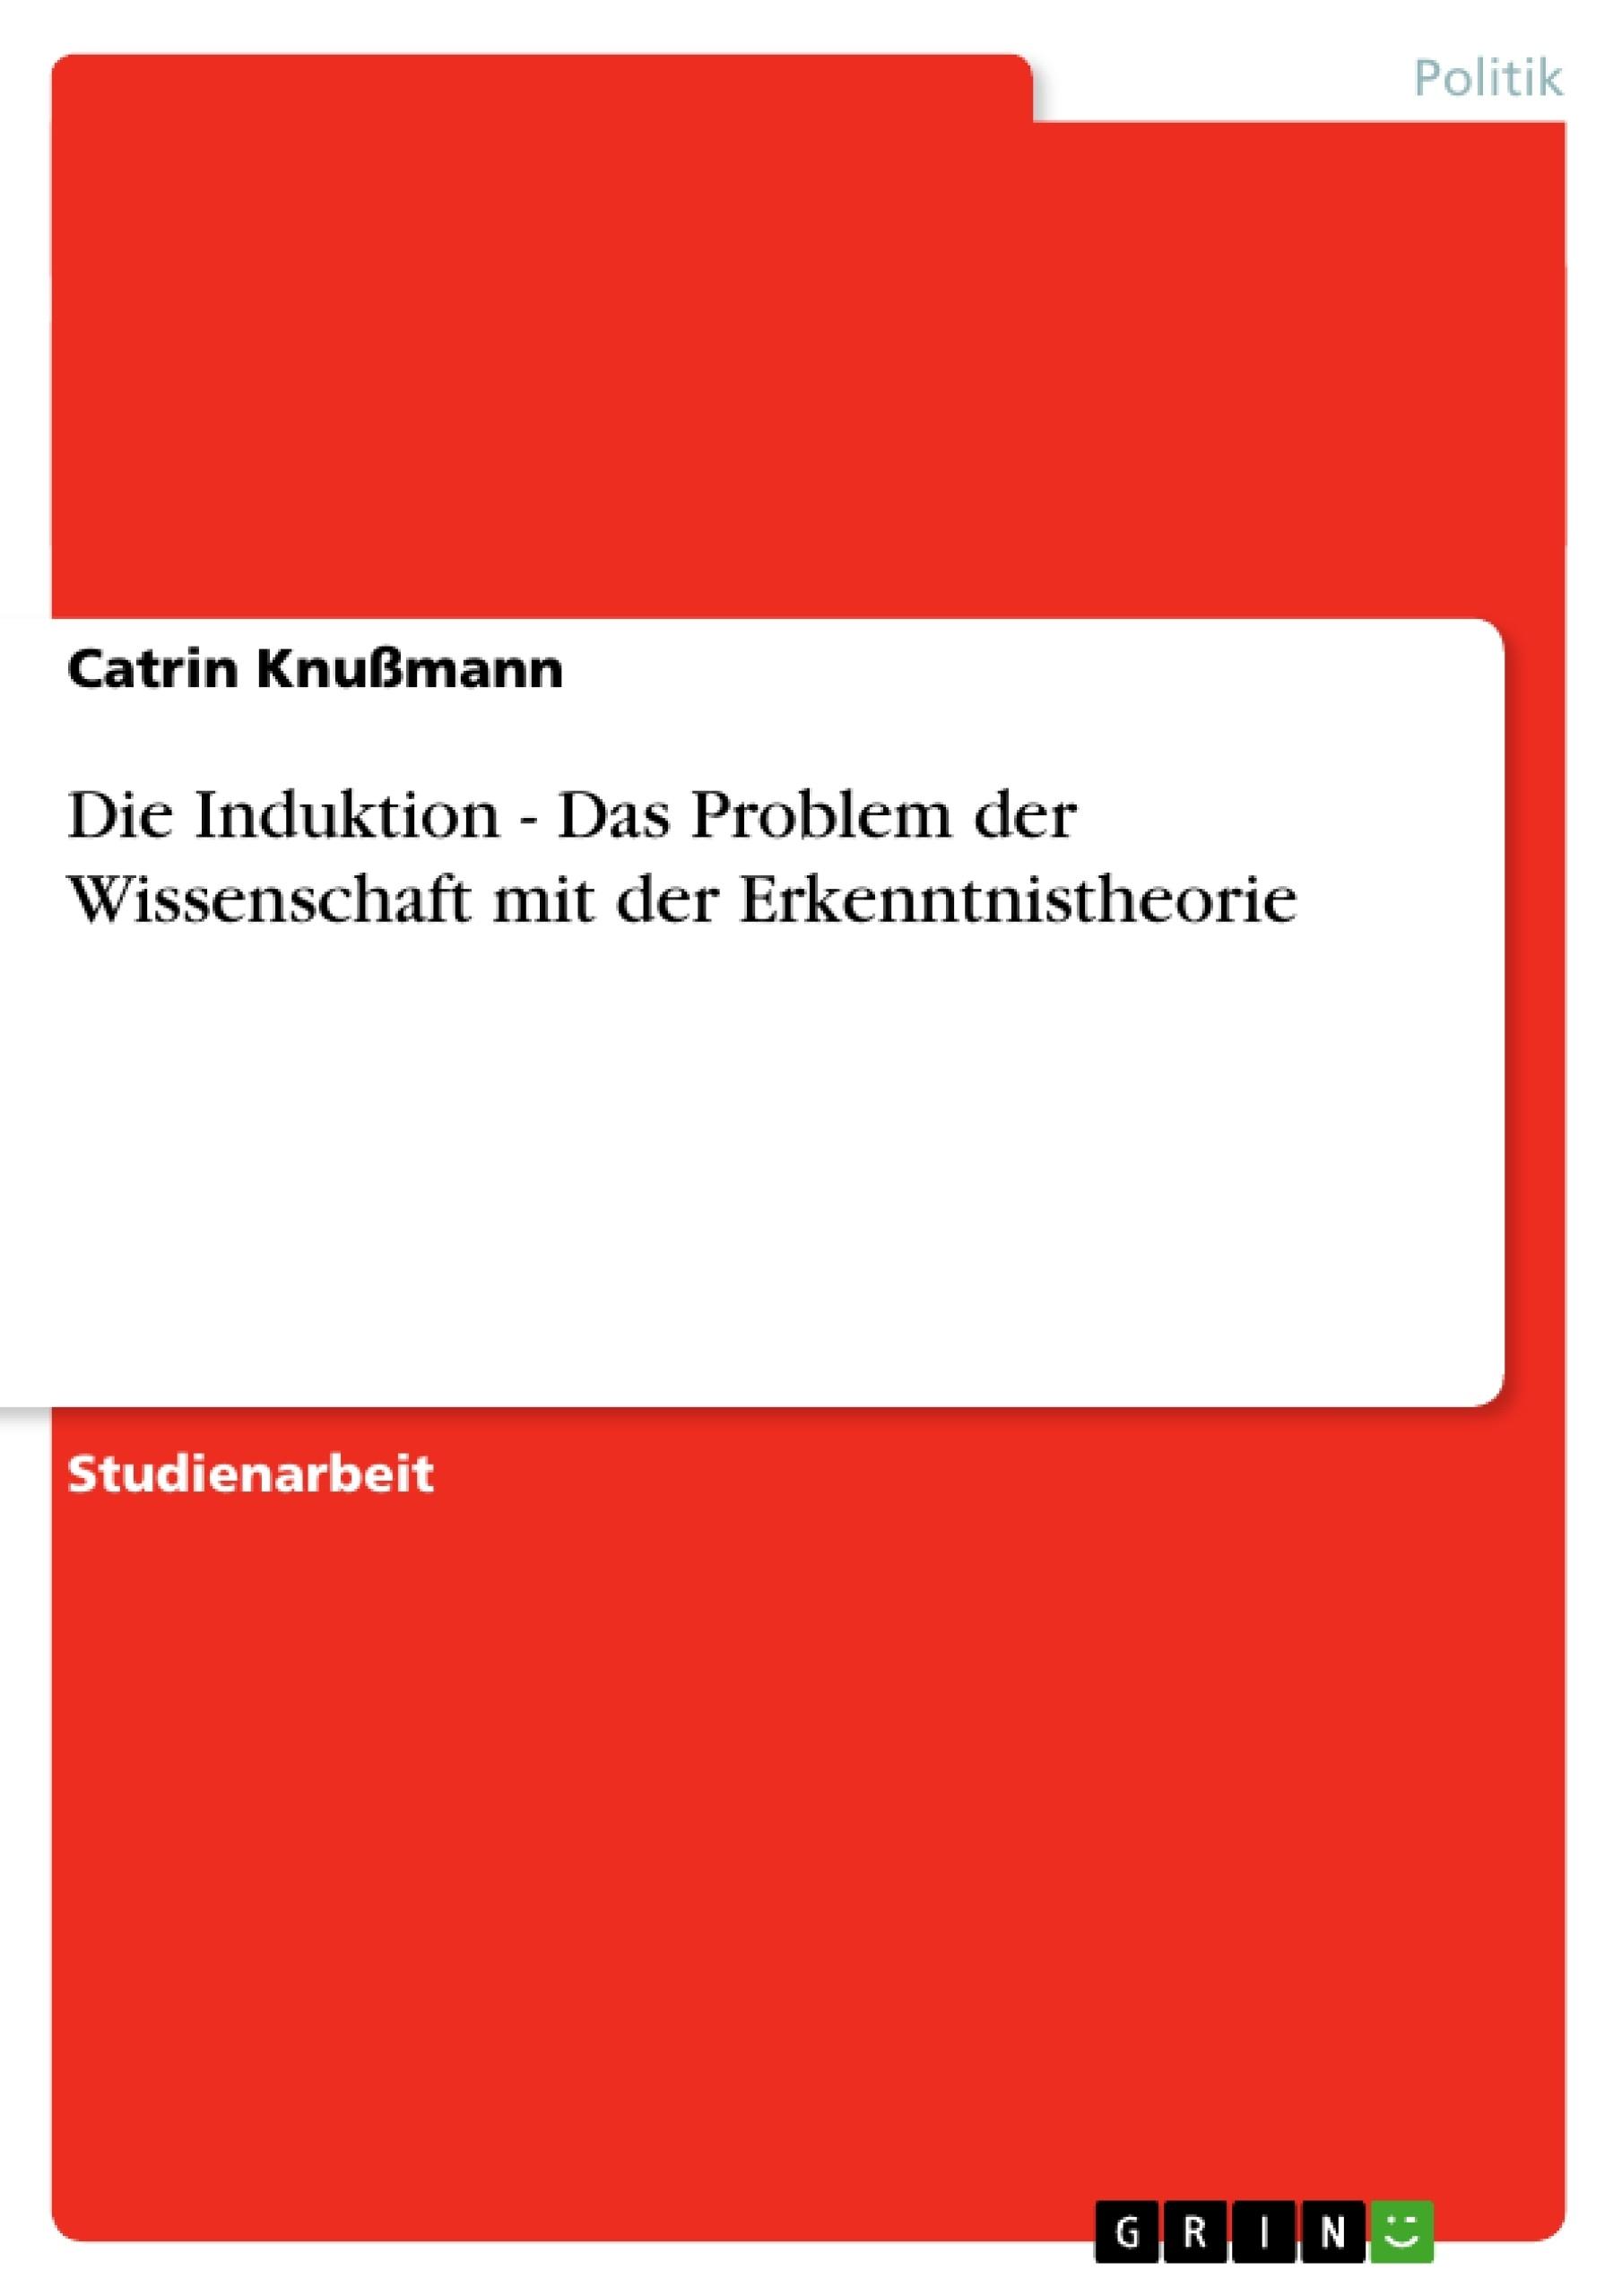 Titel: Die Induktion - Das Problem der Wissenschaft mit der Erkenntnistheorie